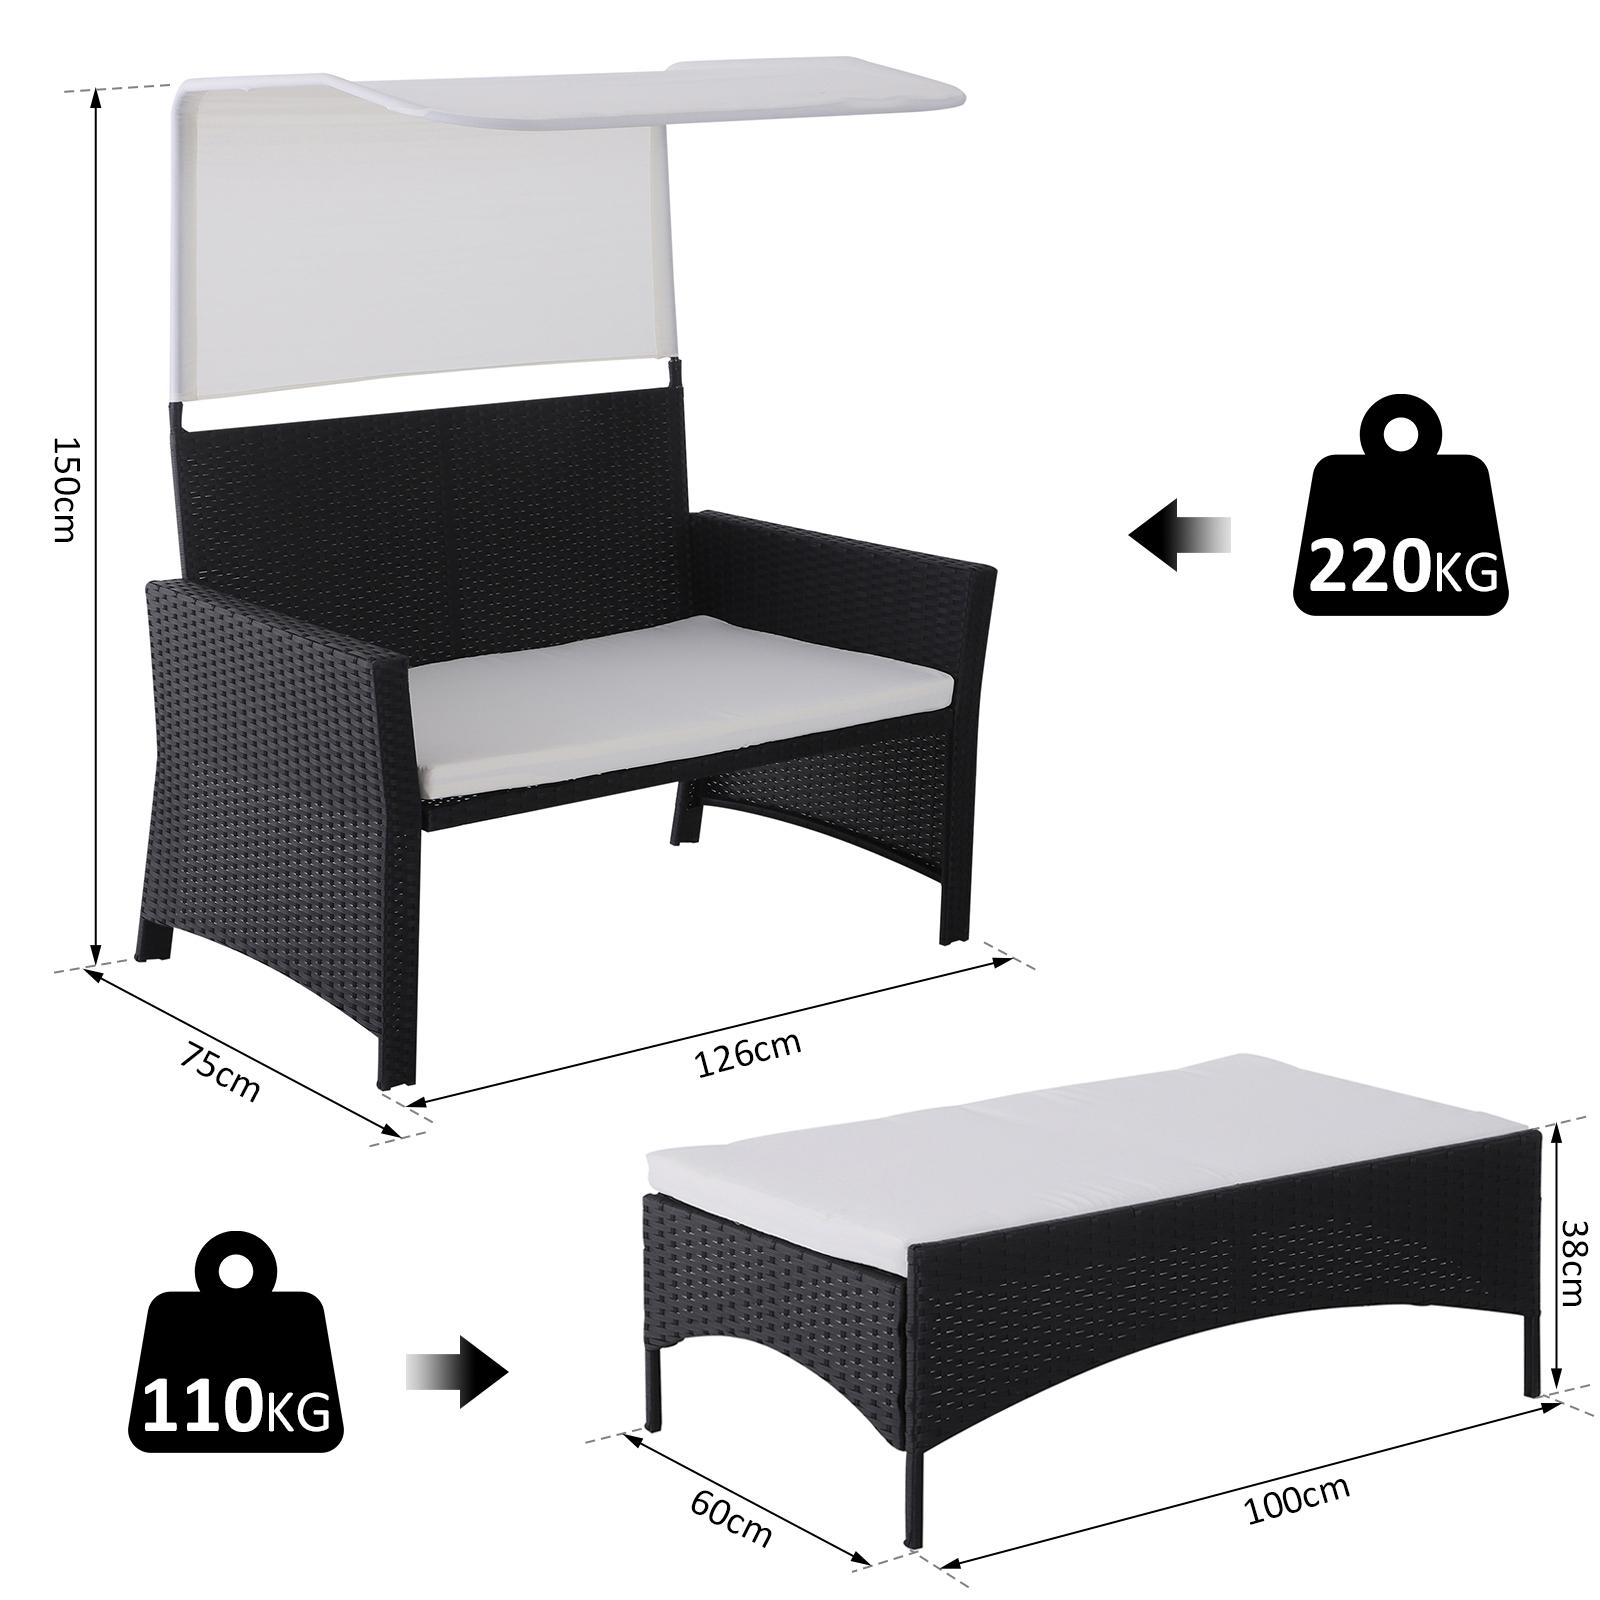 Sofa-de-Ratan-Dos-Plazas-Sillon-Mueble-Jardin-Terraza-con-Reposapies-Toldo-Cojin miniatura 19